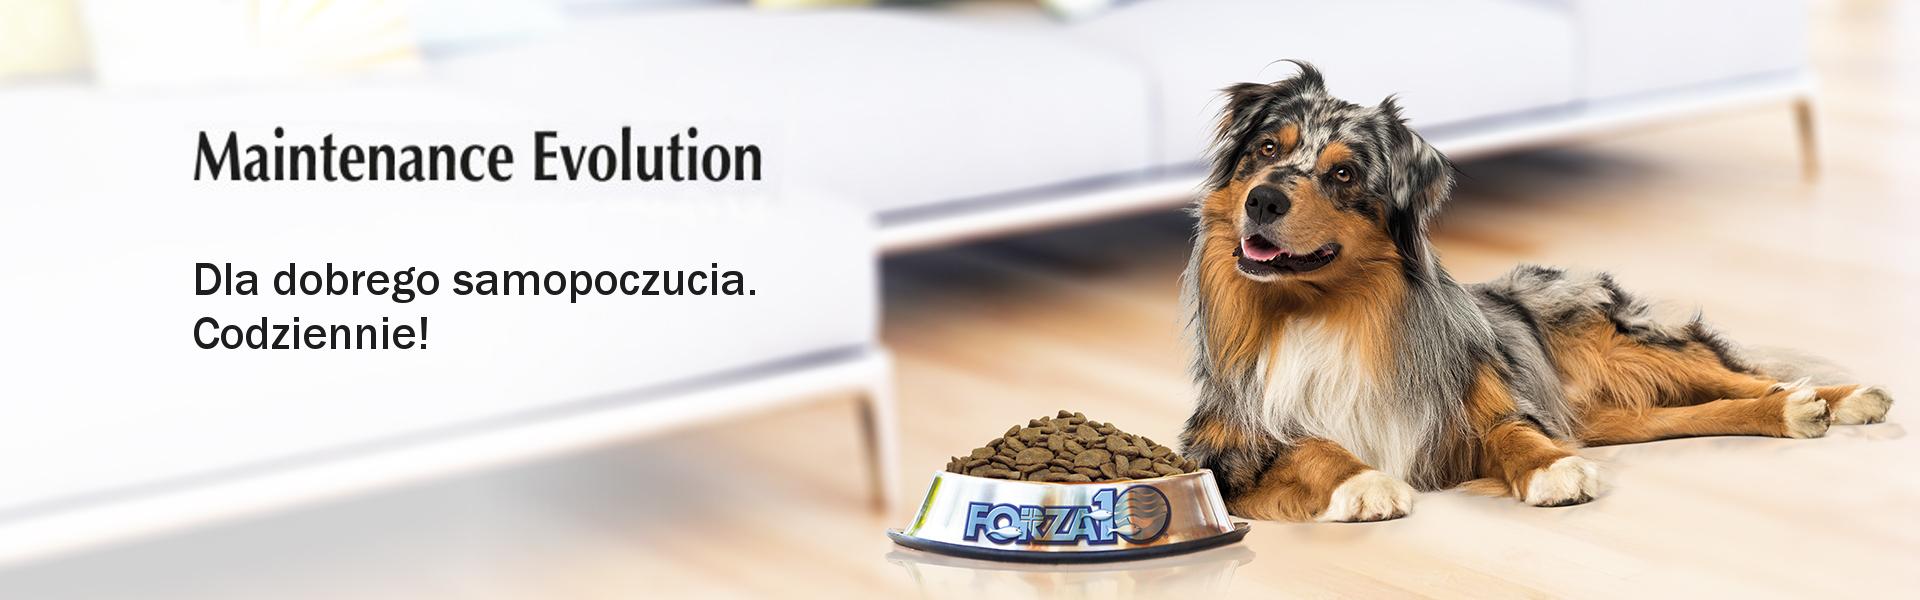 Karmy Forza10 Maintenance Eolution dla dobrego samopoczucia codziennie